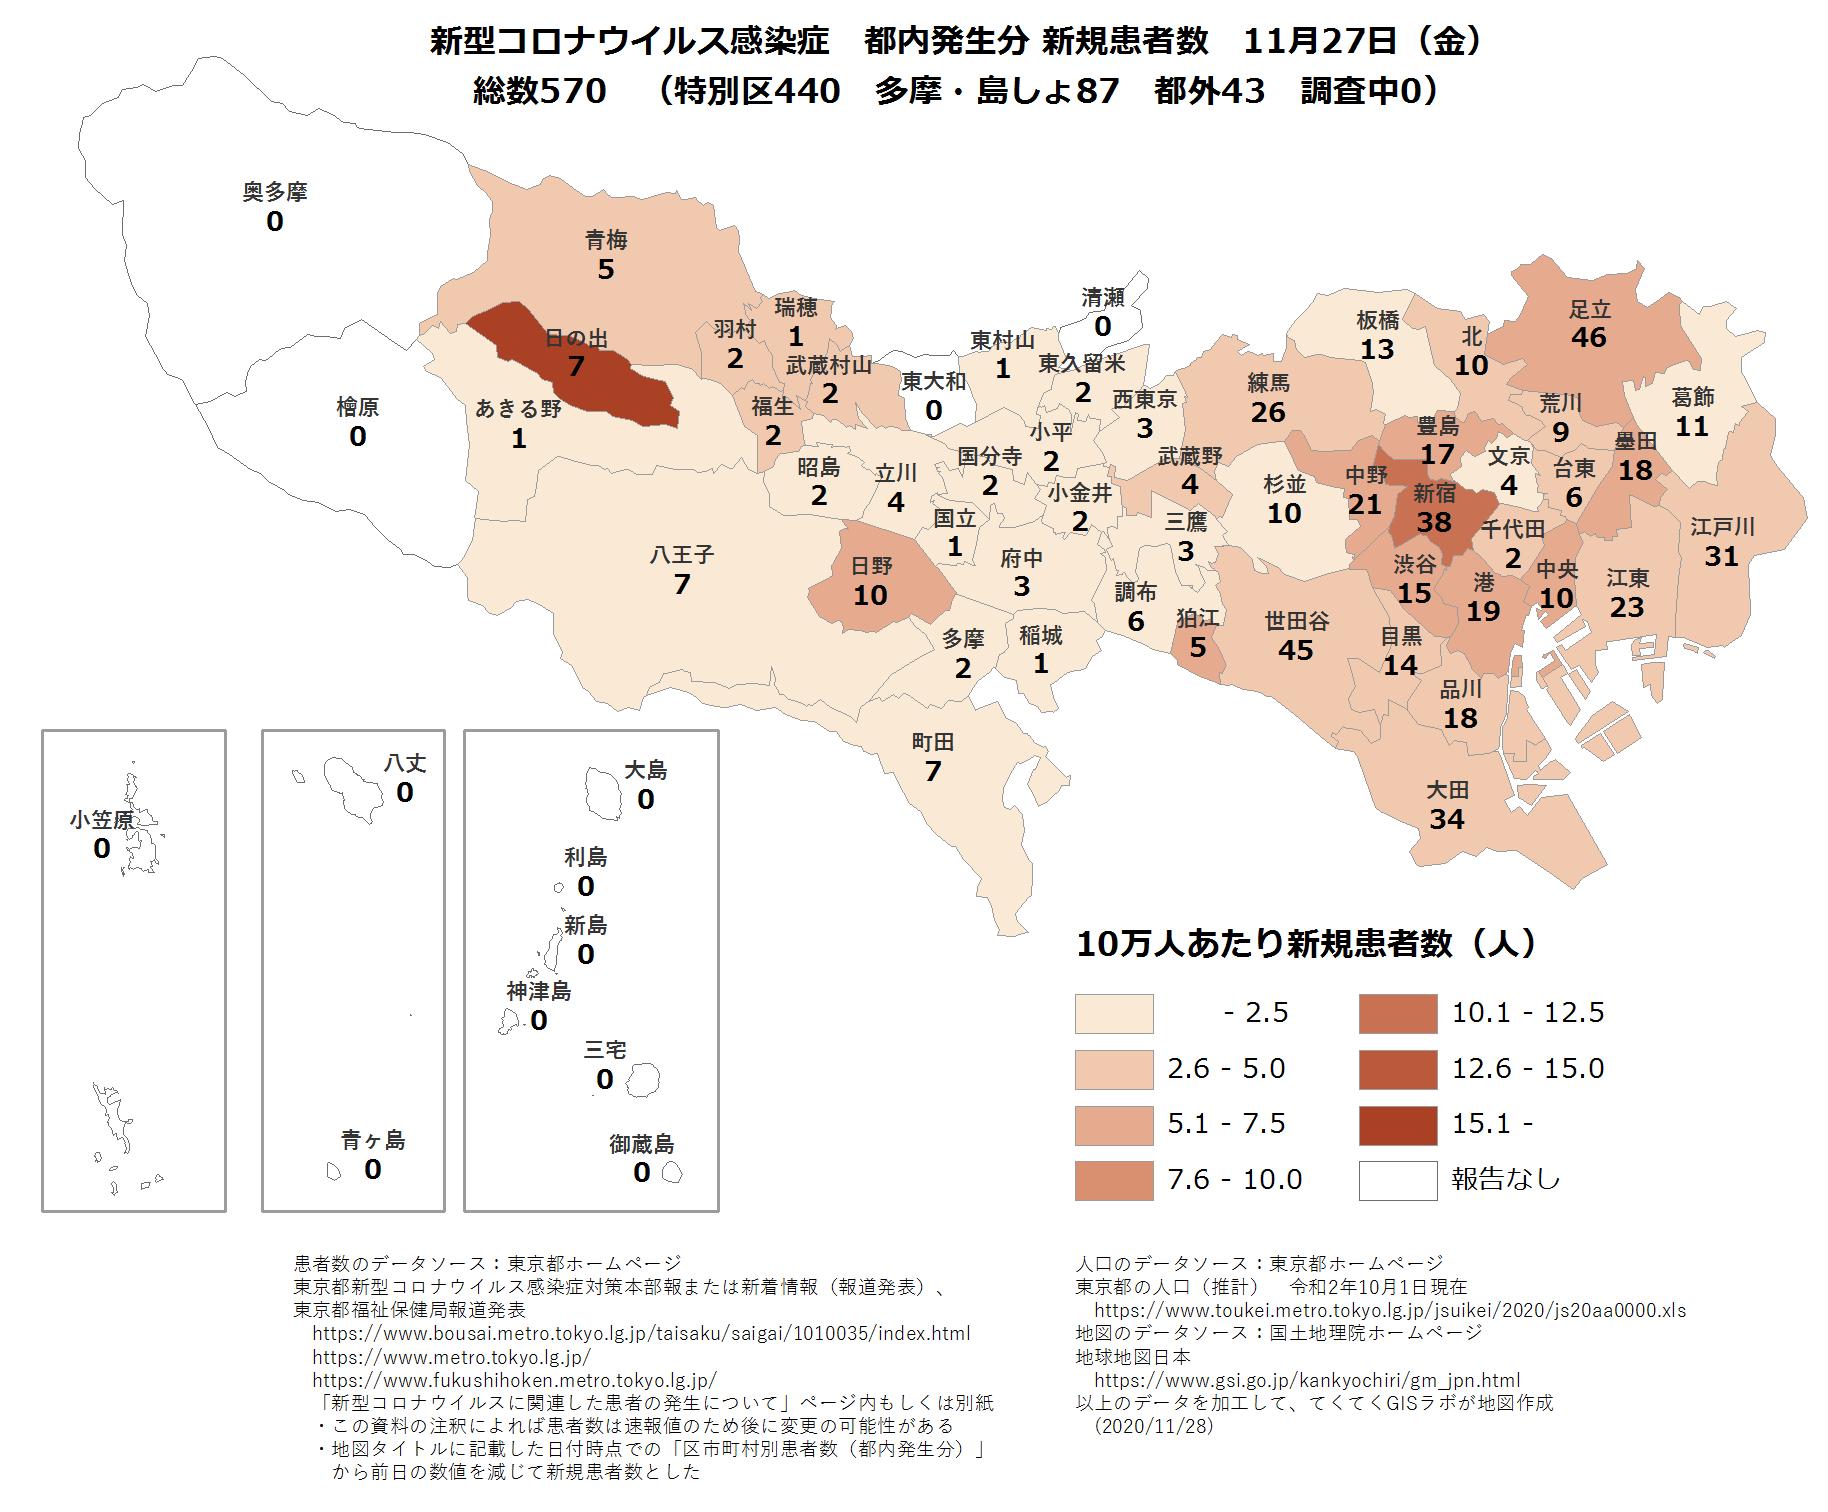 市区町村ごと新規患者数11月27日東京